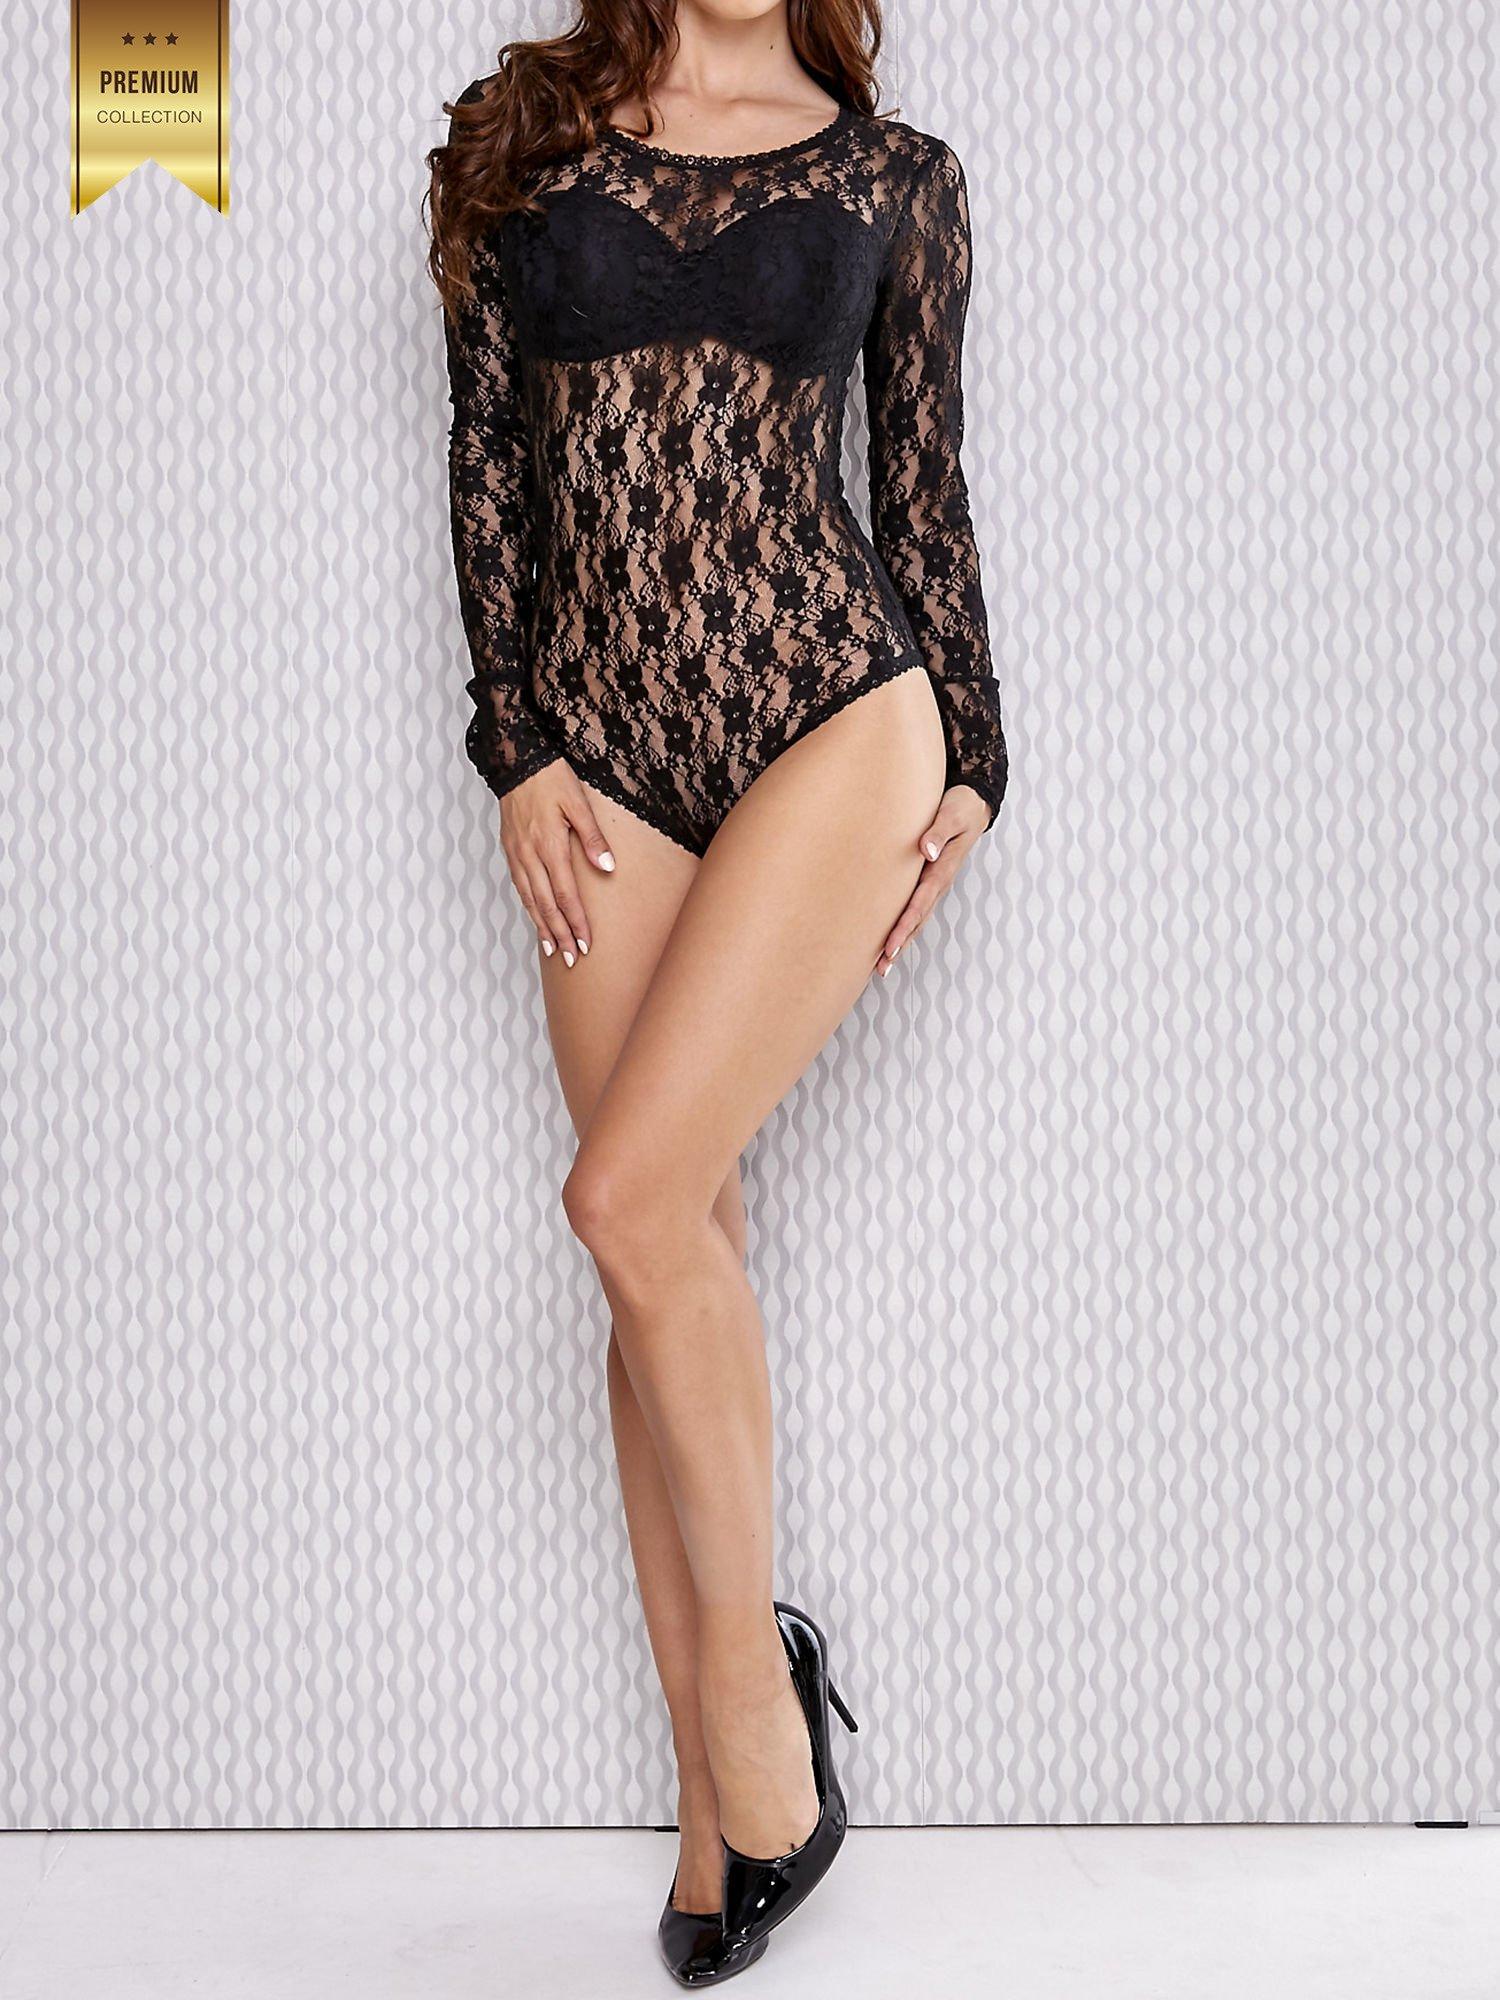 Czarne koronkowe body damskie z długim rękawem                                  zdj.                                  2